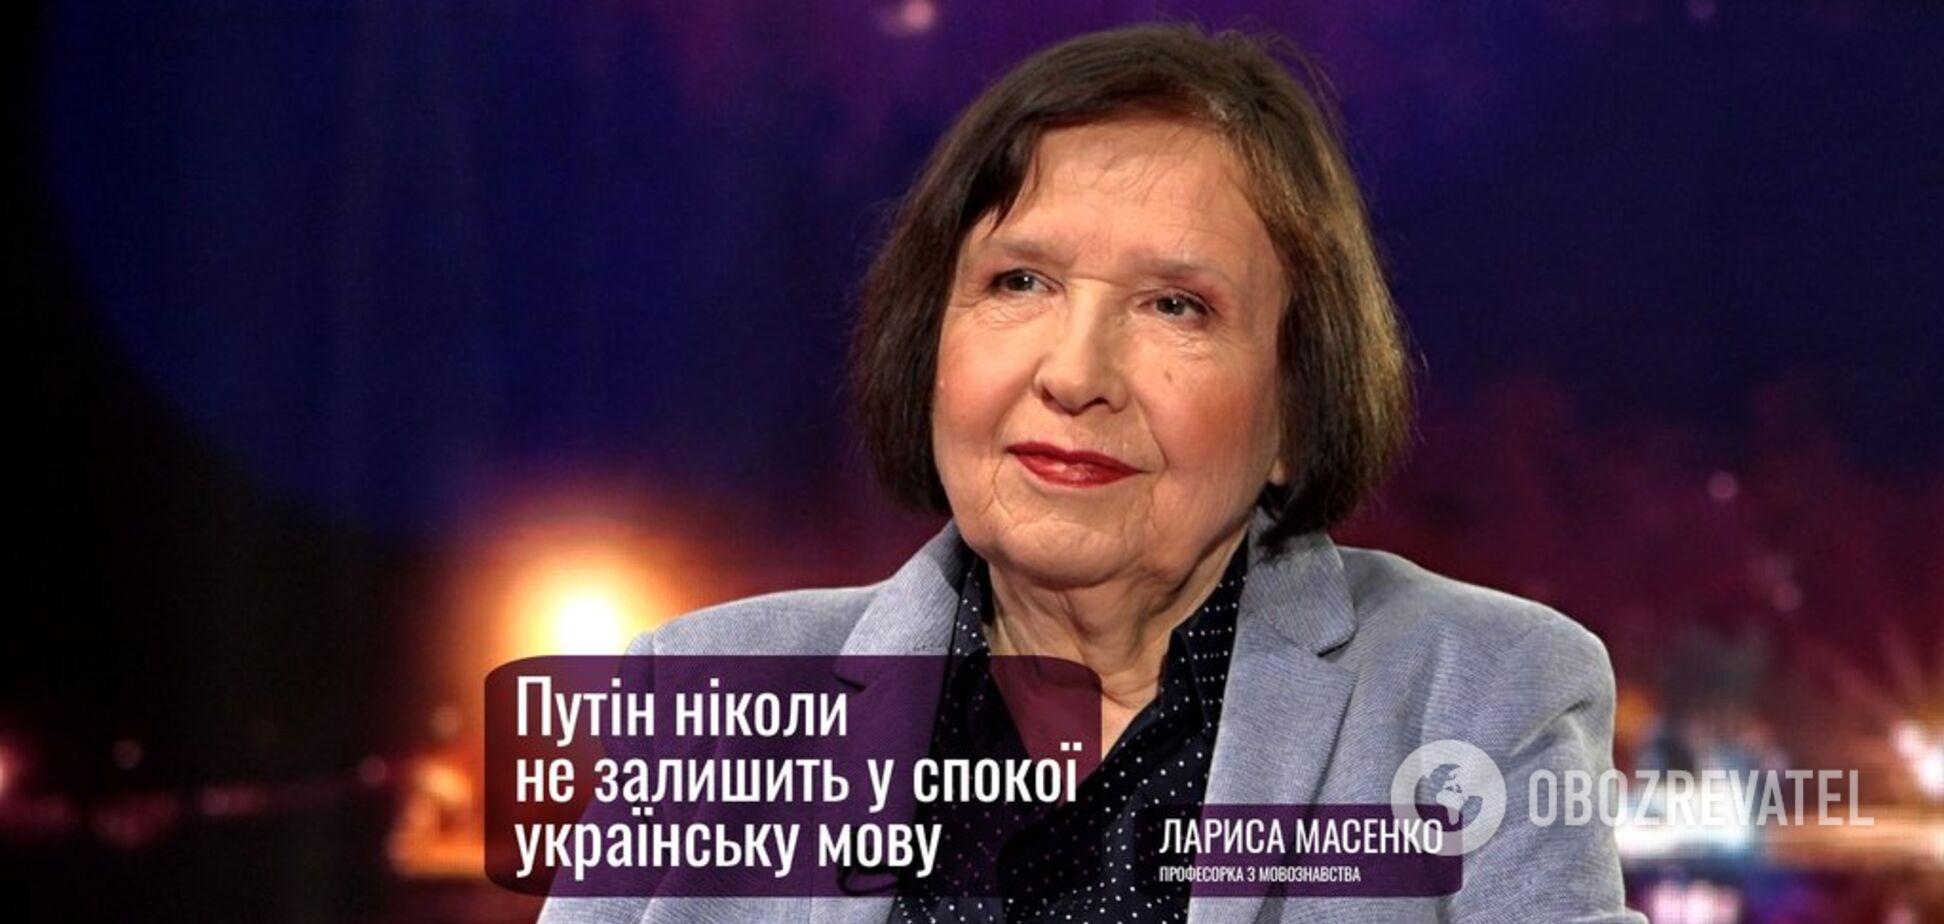 Чому Путін ніколи не залишить у спокої українську мову та які наслідки для України може мати двомовність